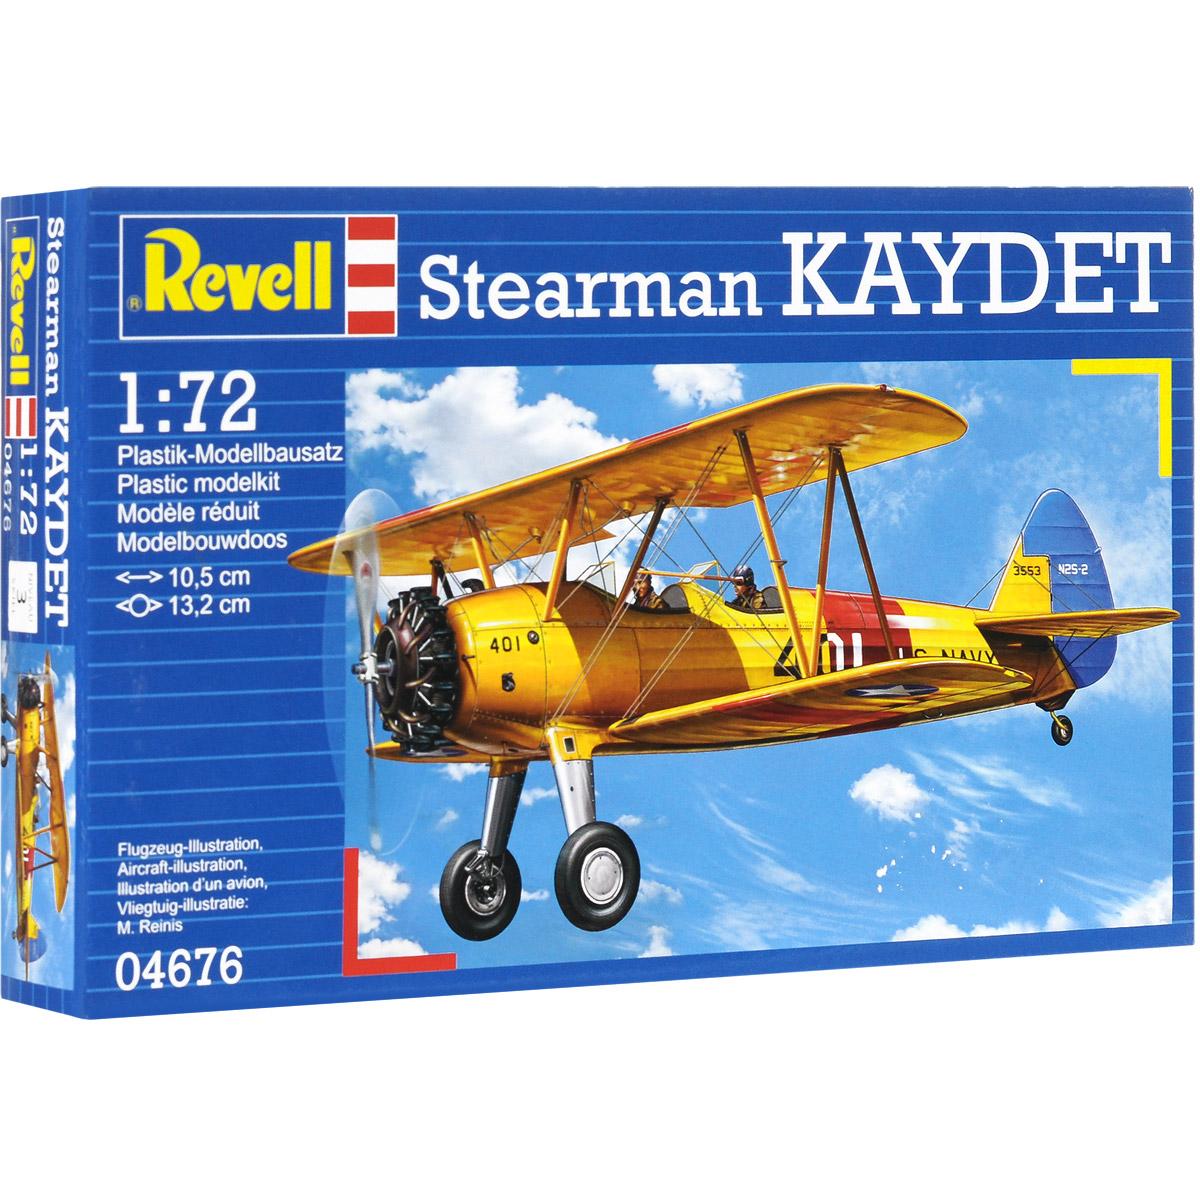 Сборная модель Revell Самолет Stearman Kaydet04676Сборная модель Revell Самолет Stearman Kaydet поможет вам и вашему ребенку придумать увлекательное занятие на долгое время. Набор включает в себя 29 пластиковых элементов, из которых можно собрать достоверную уменьшенную копию одноименного самолета. Самолет Stearman Kaydet был построен авиастроительной корпорацией Стирман (после 1934 года - Боинг). Модель Stearman Kaydet была разработана специально для нужд ВВС США. Мощность двигателя равнялась 163 кВт и самолет мог развивать скорость до 200 км/ч. Также в наборе схематичная инструкция по сборке. Процесс сборки развивает интеллектуальные и инструментальные способности, воображение и конструктивное мышление, а также прививает практические навыки работы со схемами и чертежами. Уровень сложности: 3. УВАЖАЕМЫЕ КЛИЕНТЫ! Обращаем ваше внимание на тот факт, что элементы для сборки не покрашены. Клей и краски в комплект не входят.